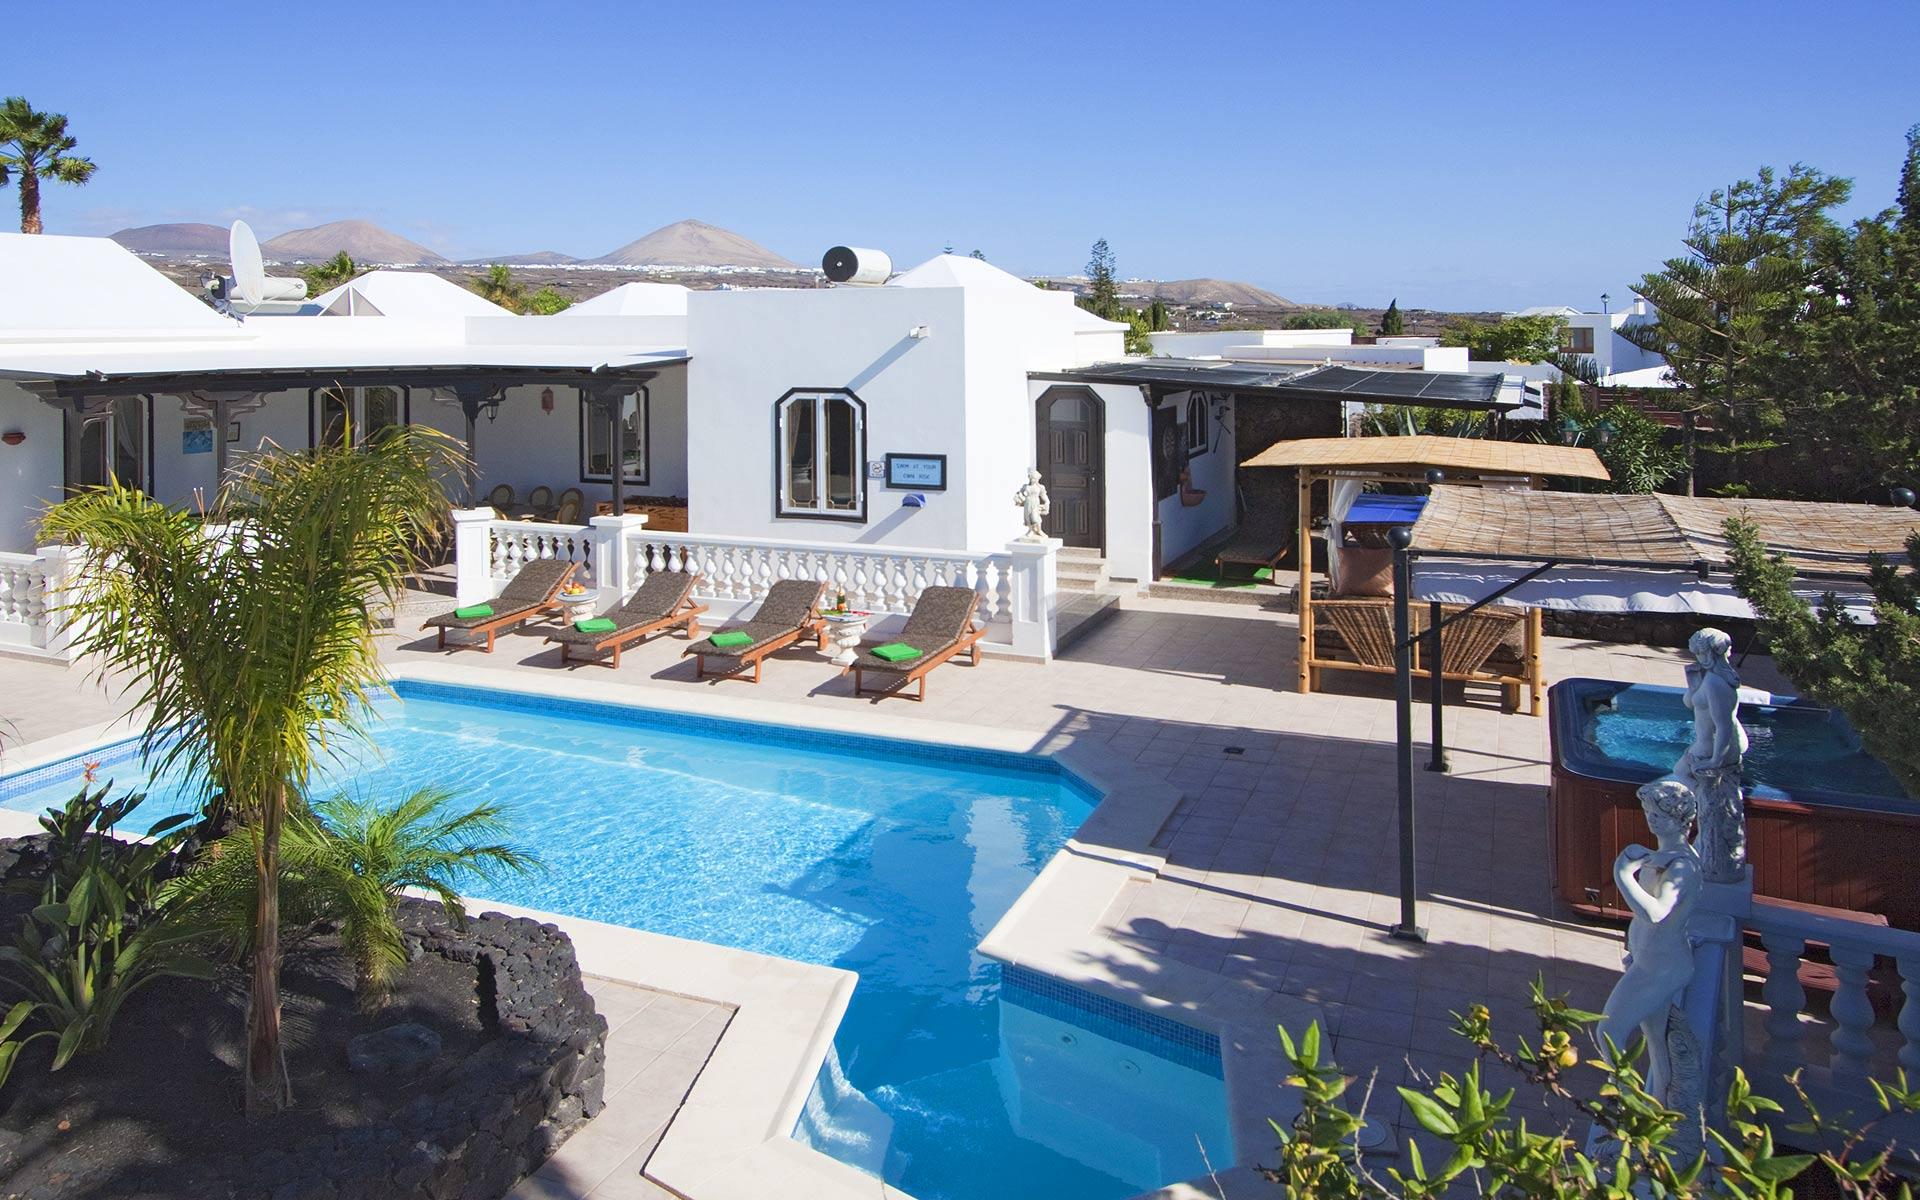 Ocean View Villas Playa Blanca Lanzarote